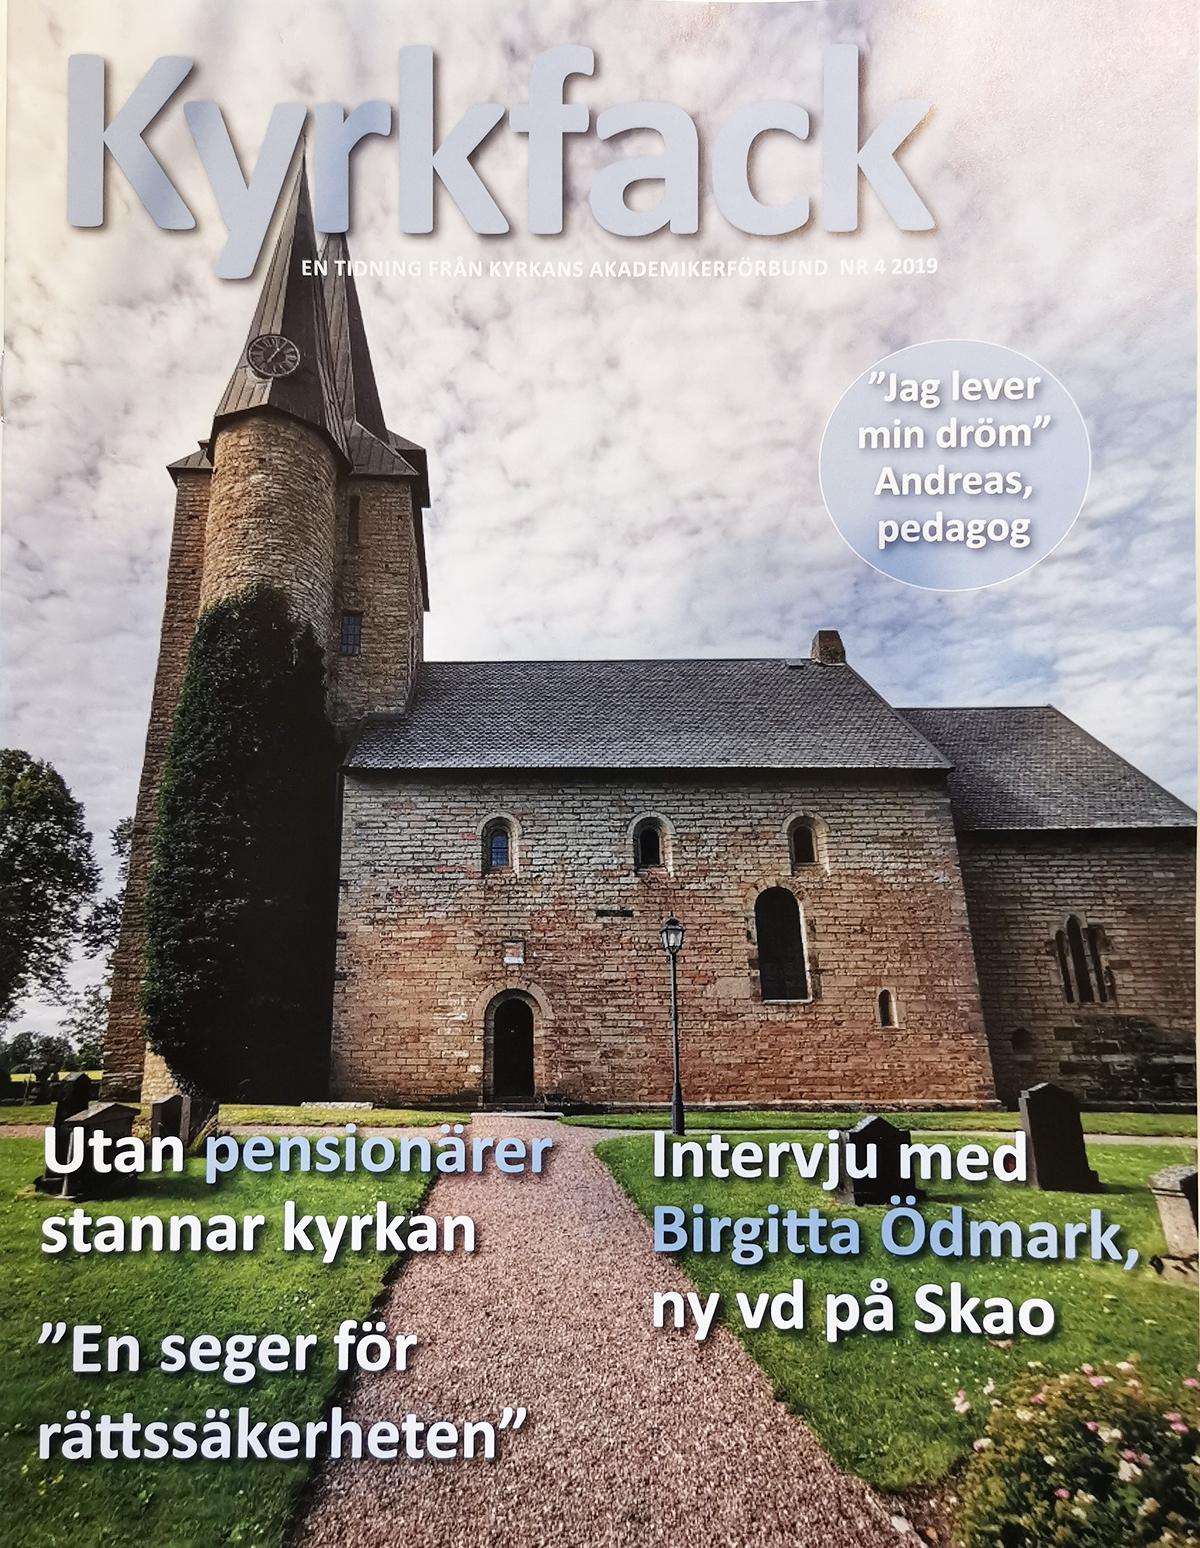 Kyrkfack medlemstidning Kyrkfack